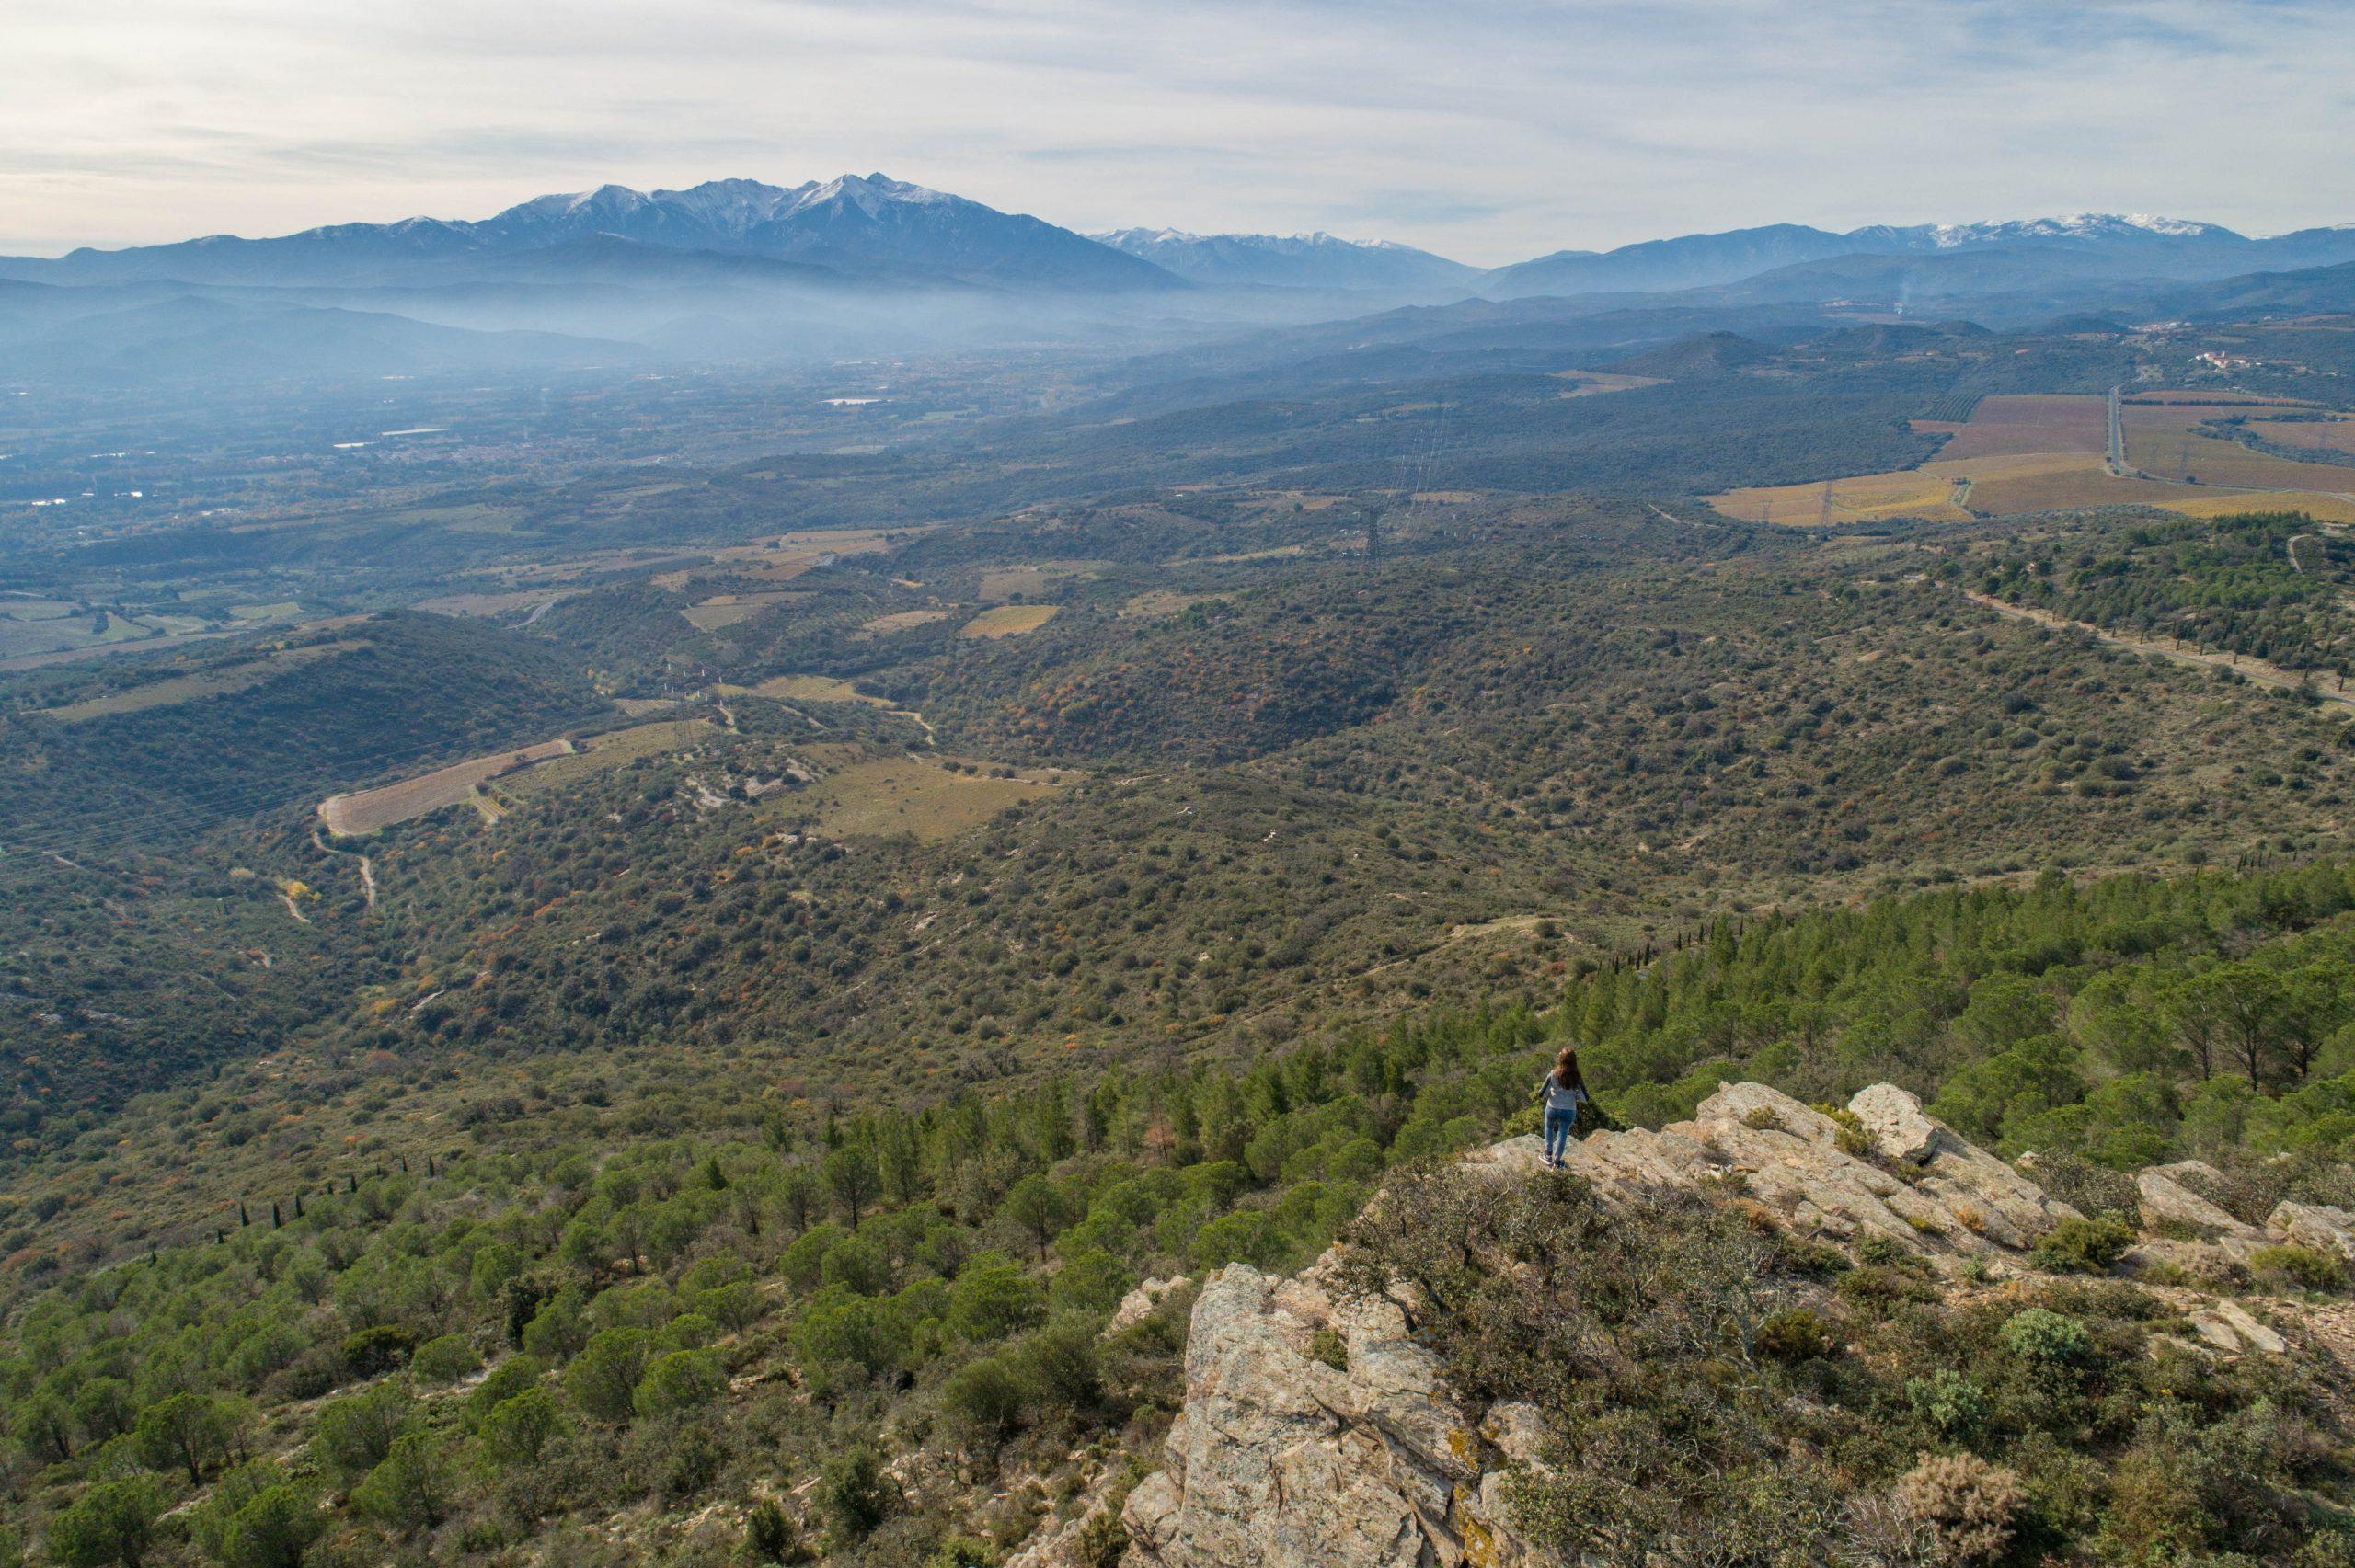 Vue depuis le sentier botanique du Forca real